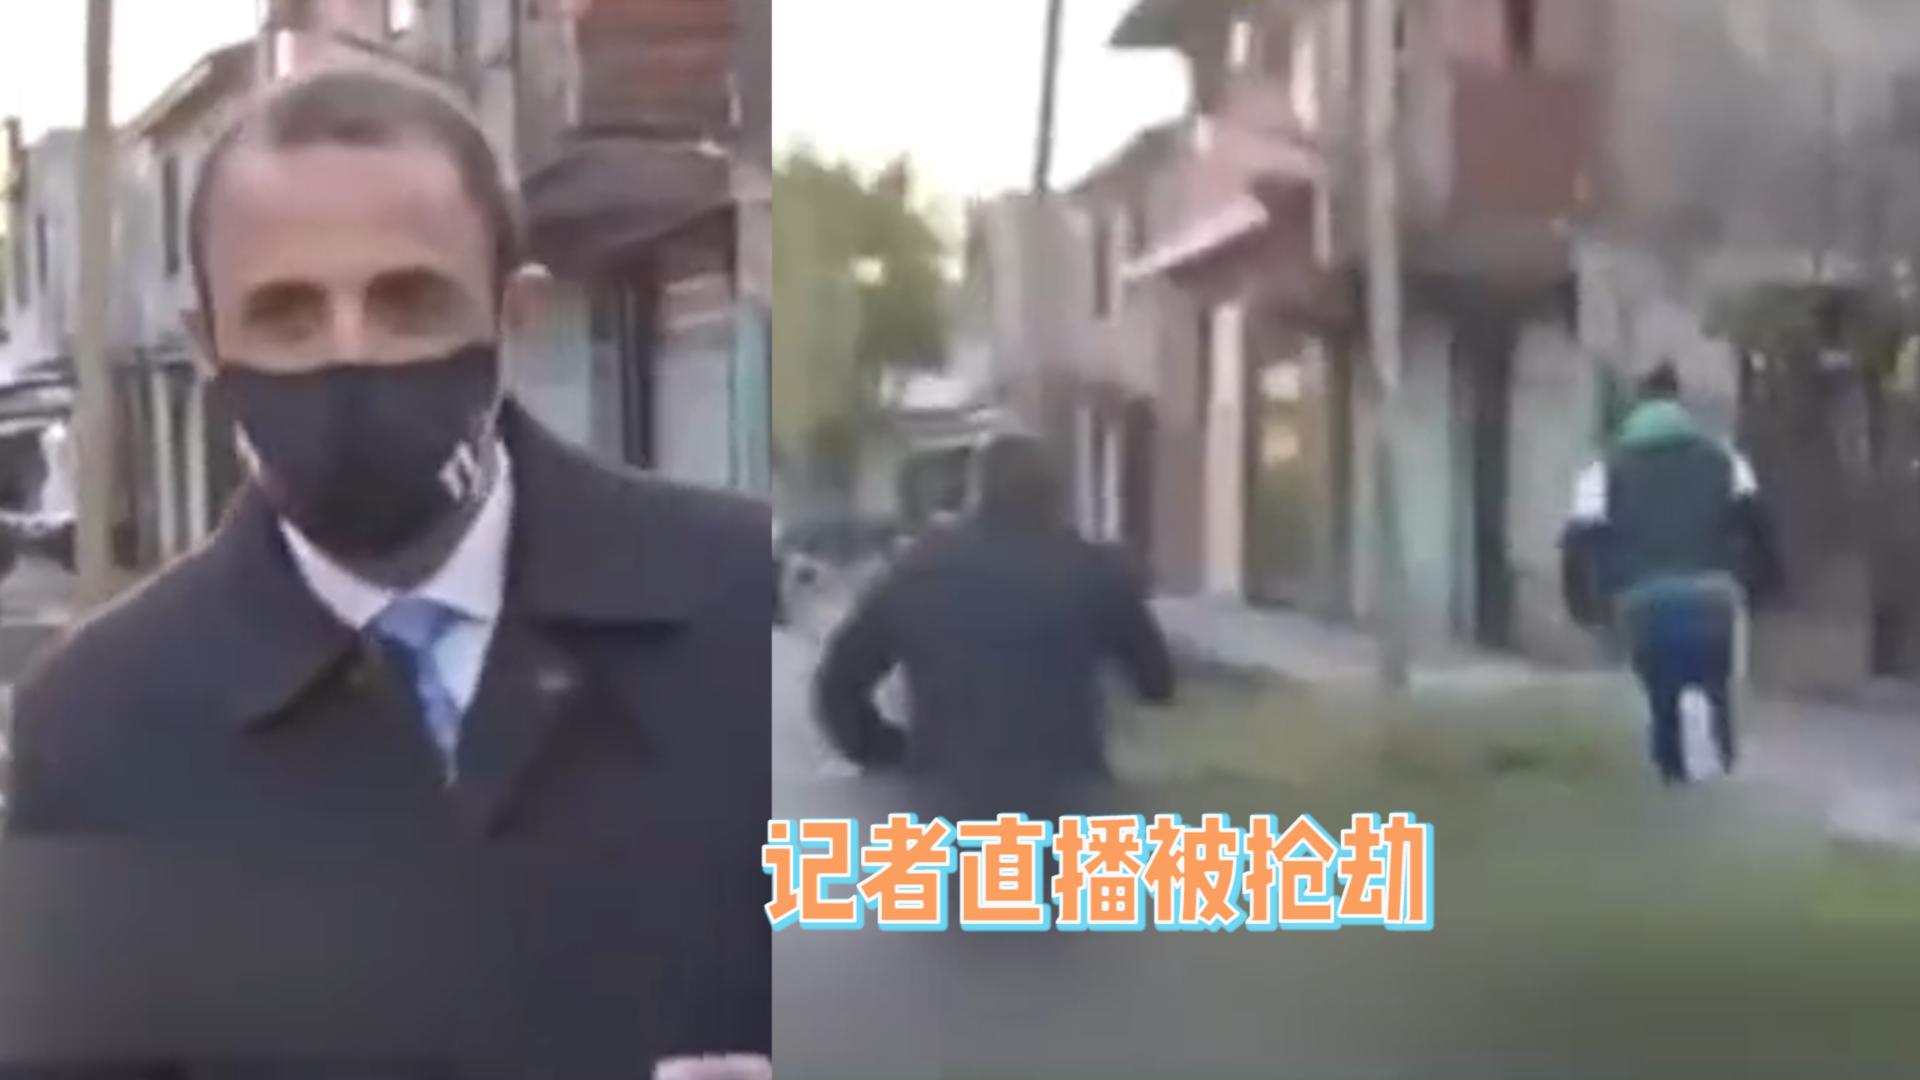 阿根廷记者直播遭遇抢劫,一男子冲出抢手机就跑,记者握话筒追赶